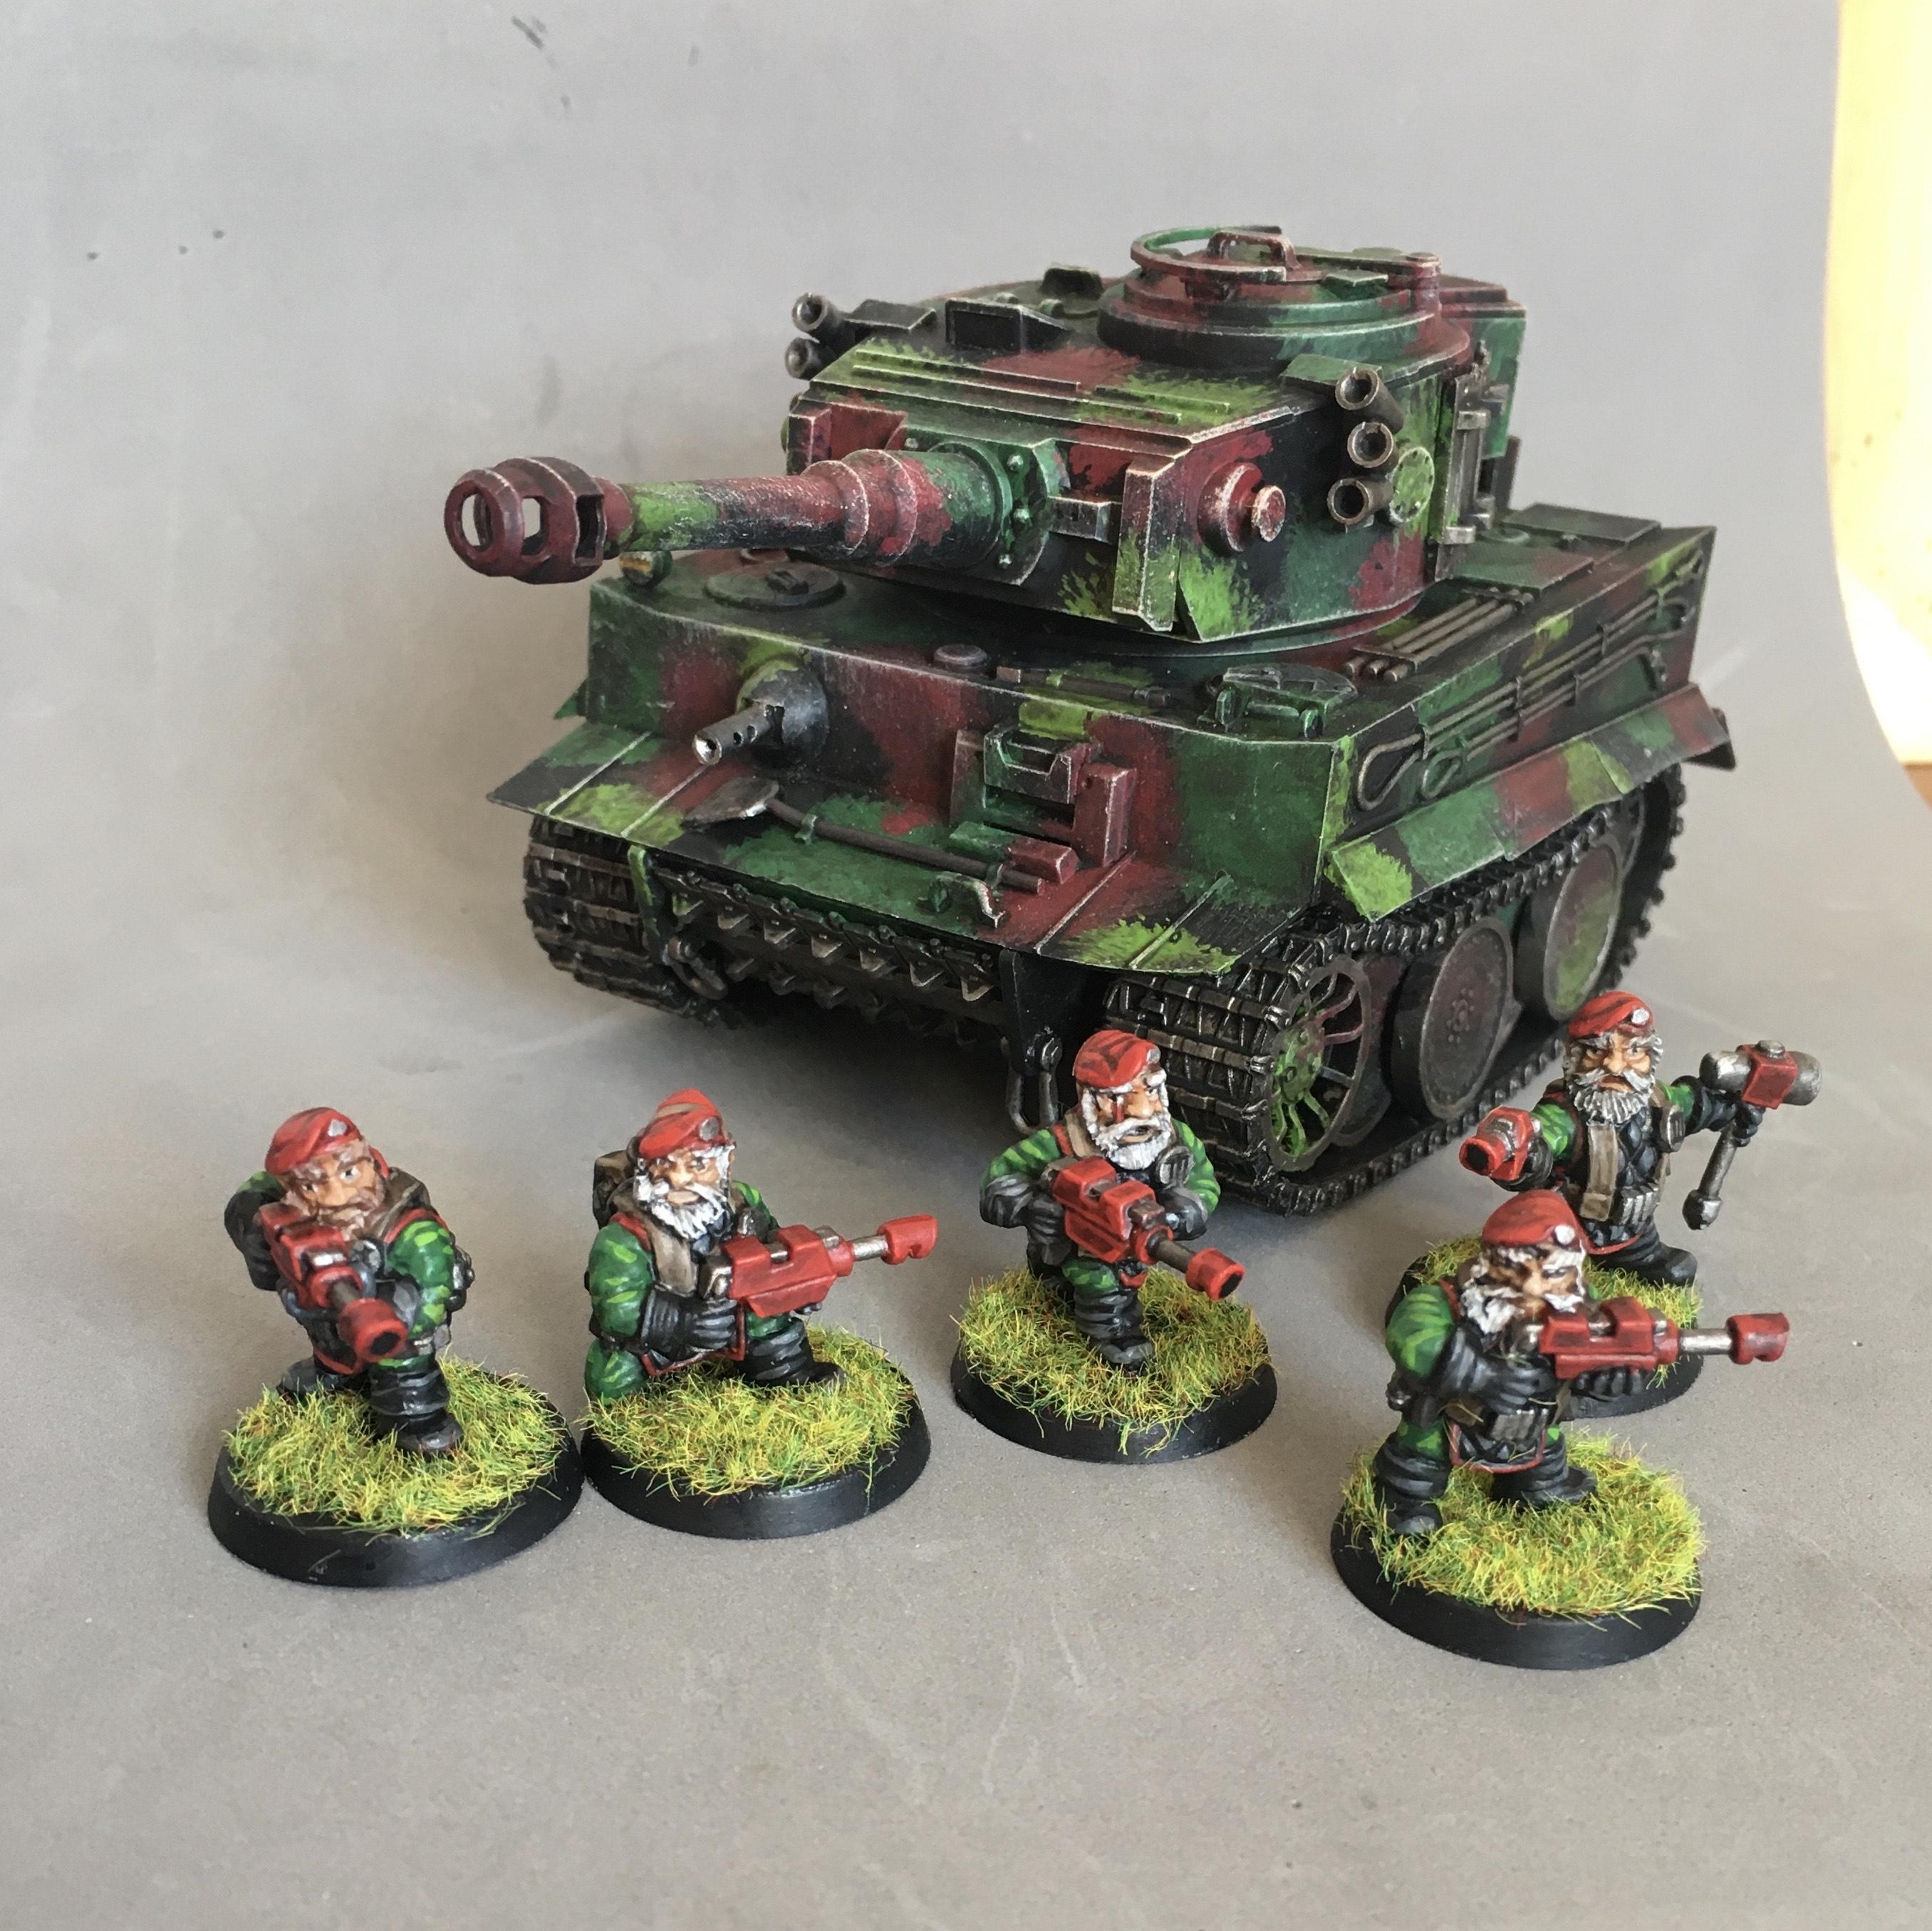 Inso, Panzer, Squats, Tank, Tiger